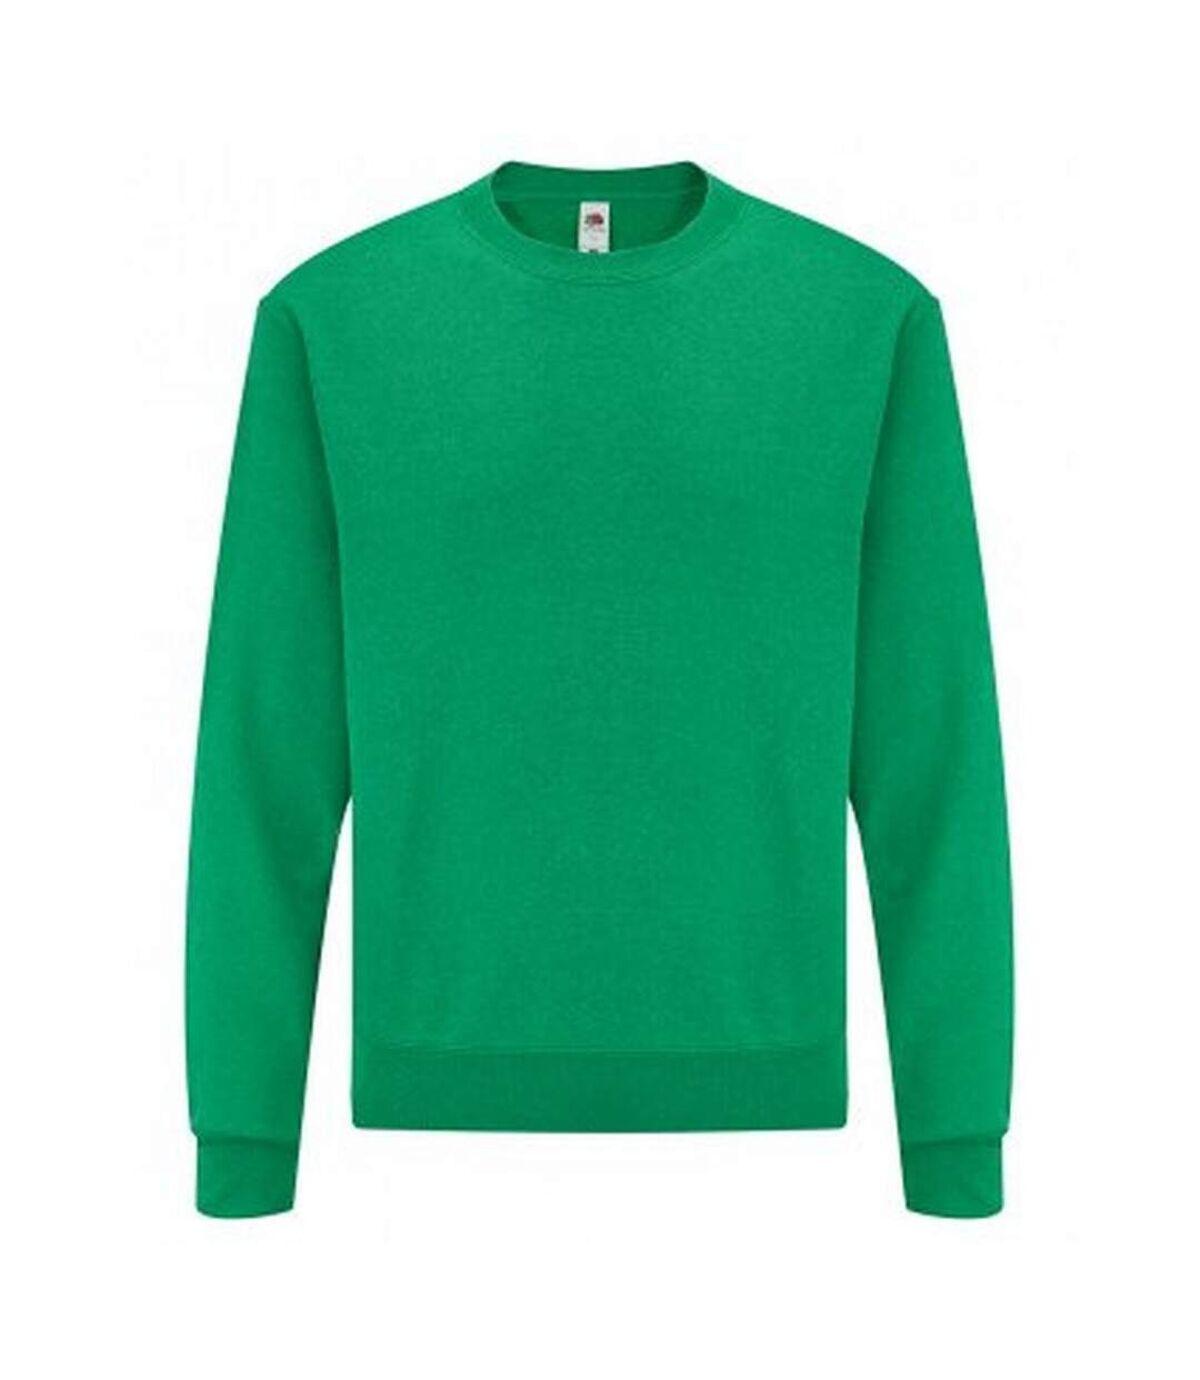 Fruit Of The Loom Mens Classic Drop Shoulder Sweatshirt (Heather Green) - UTPC3669